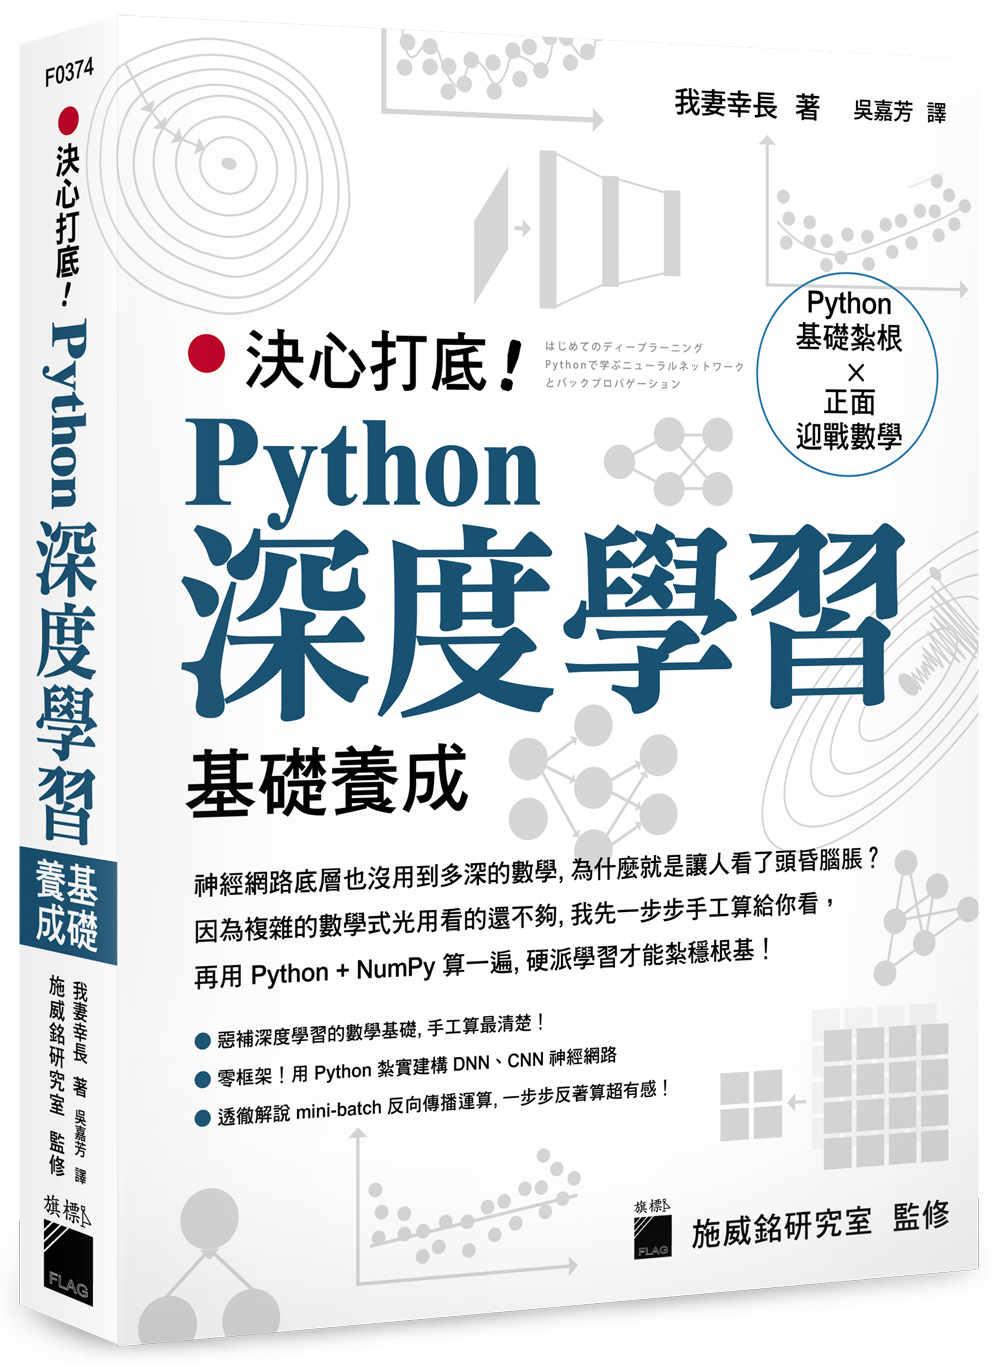 決心打底!Python 深度學習基礎養成